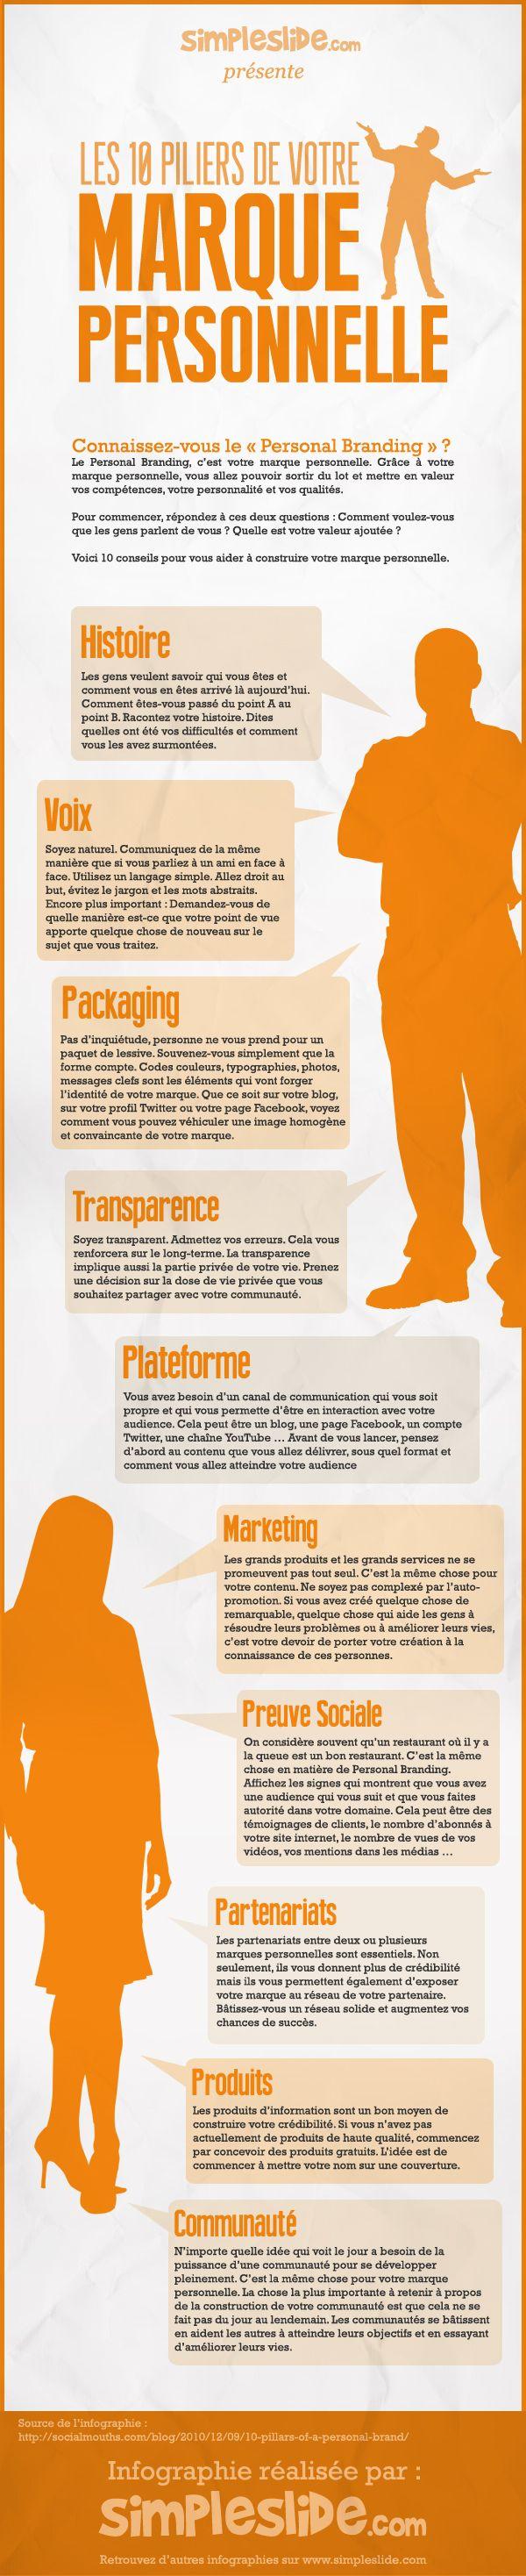 Connaissez-vous le Personal Branding? Le Pesonal Branding (ou marque personnelle) consiste à créer une marque autour d'un individu et non d'un produit. Nous avons tous potentiellement un capital de marque. L'idée de cet article est de vous proposer quelques conseils pour vous aider à réfléchir à votre propre Personal Branding. Grâce au Personal Branding, vous…Lire la suite →